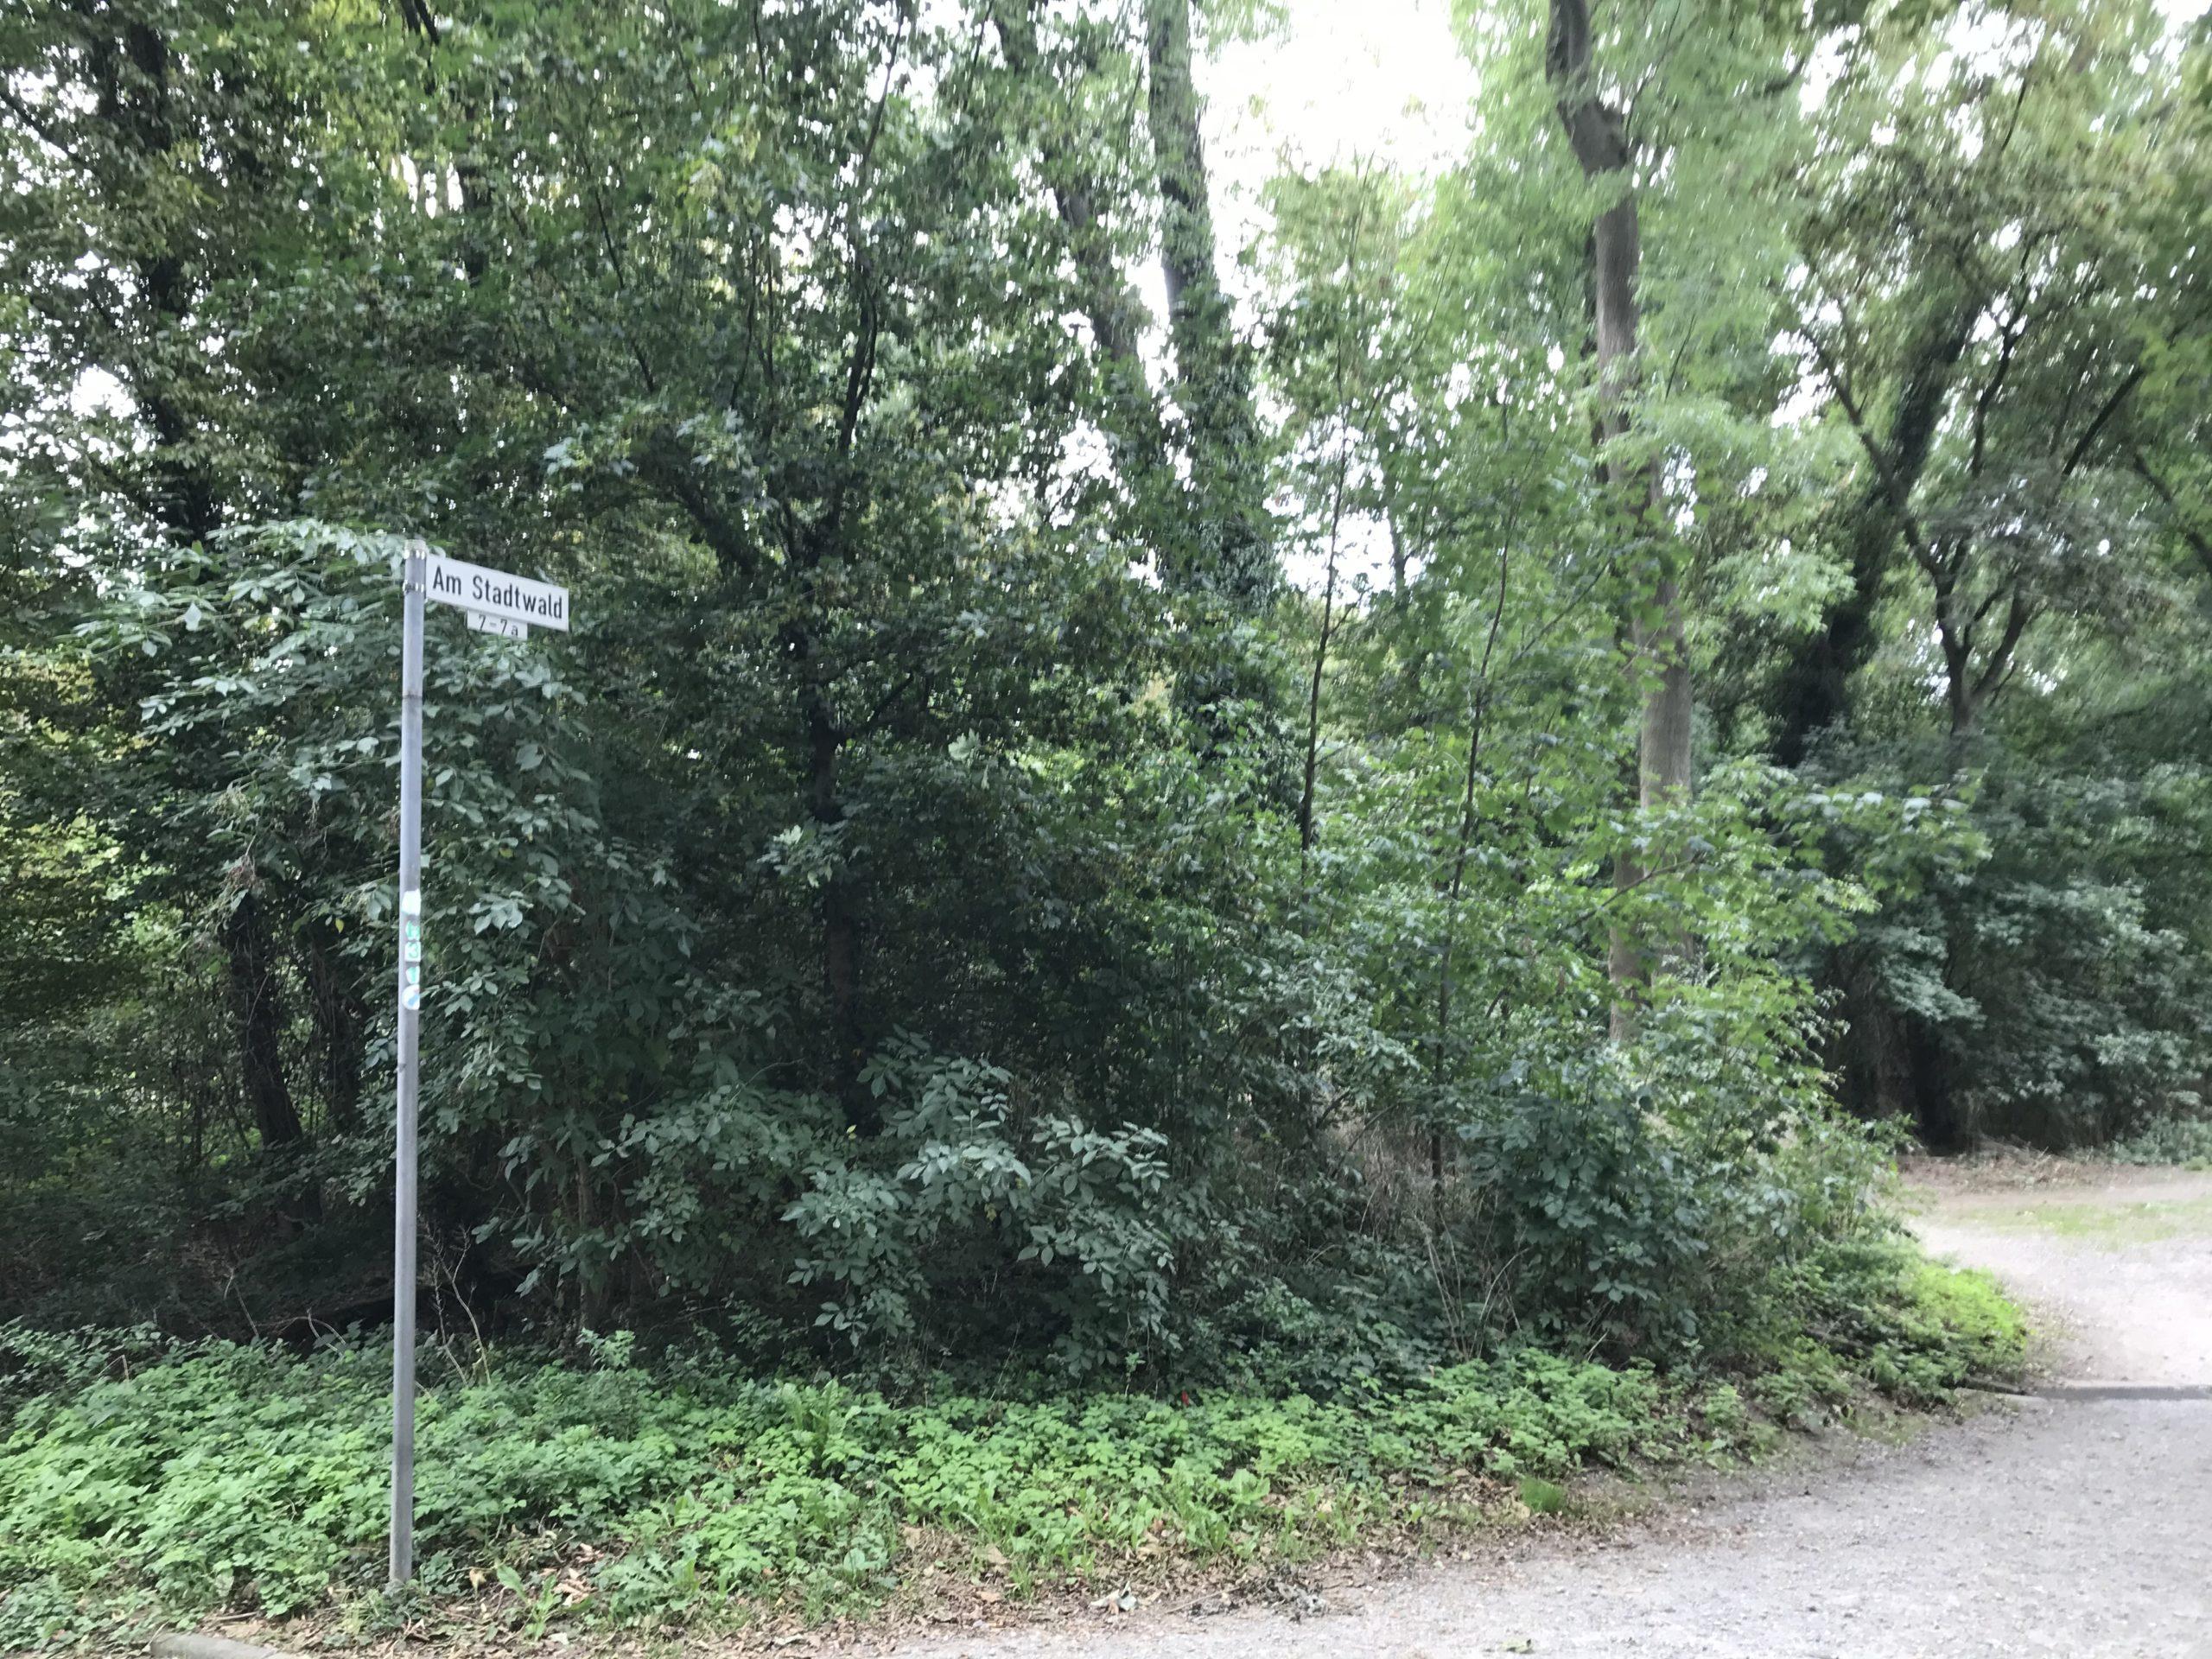 Artenvielfalt im Stadtwald – ein Spaziergang